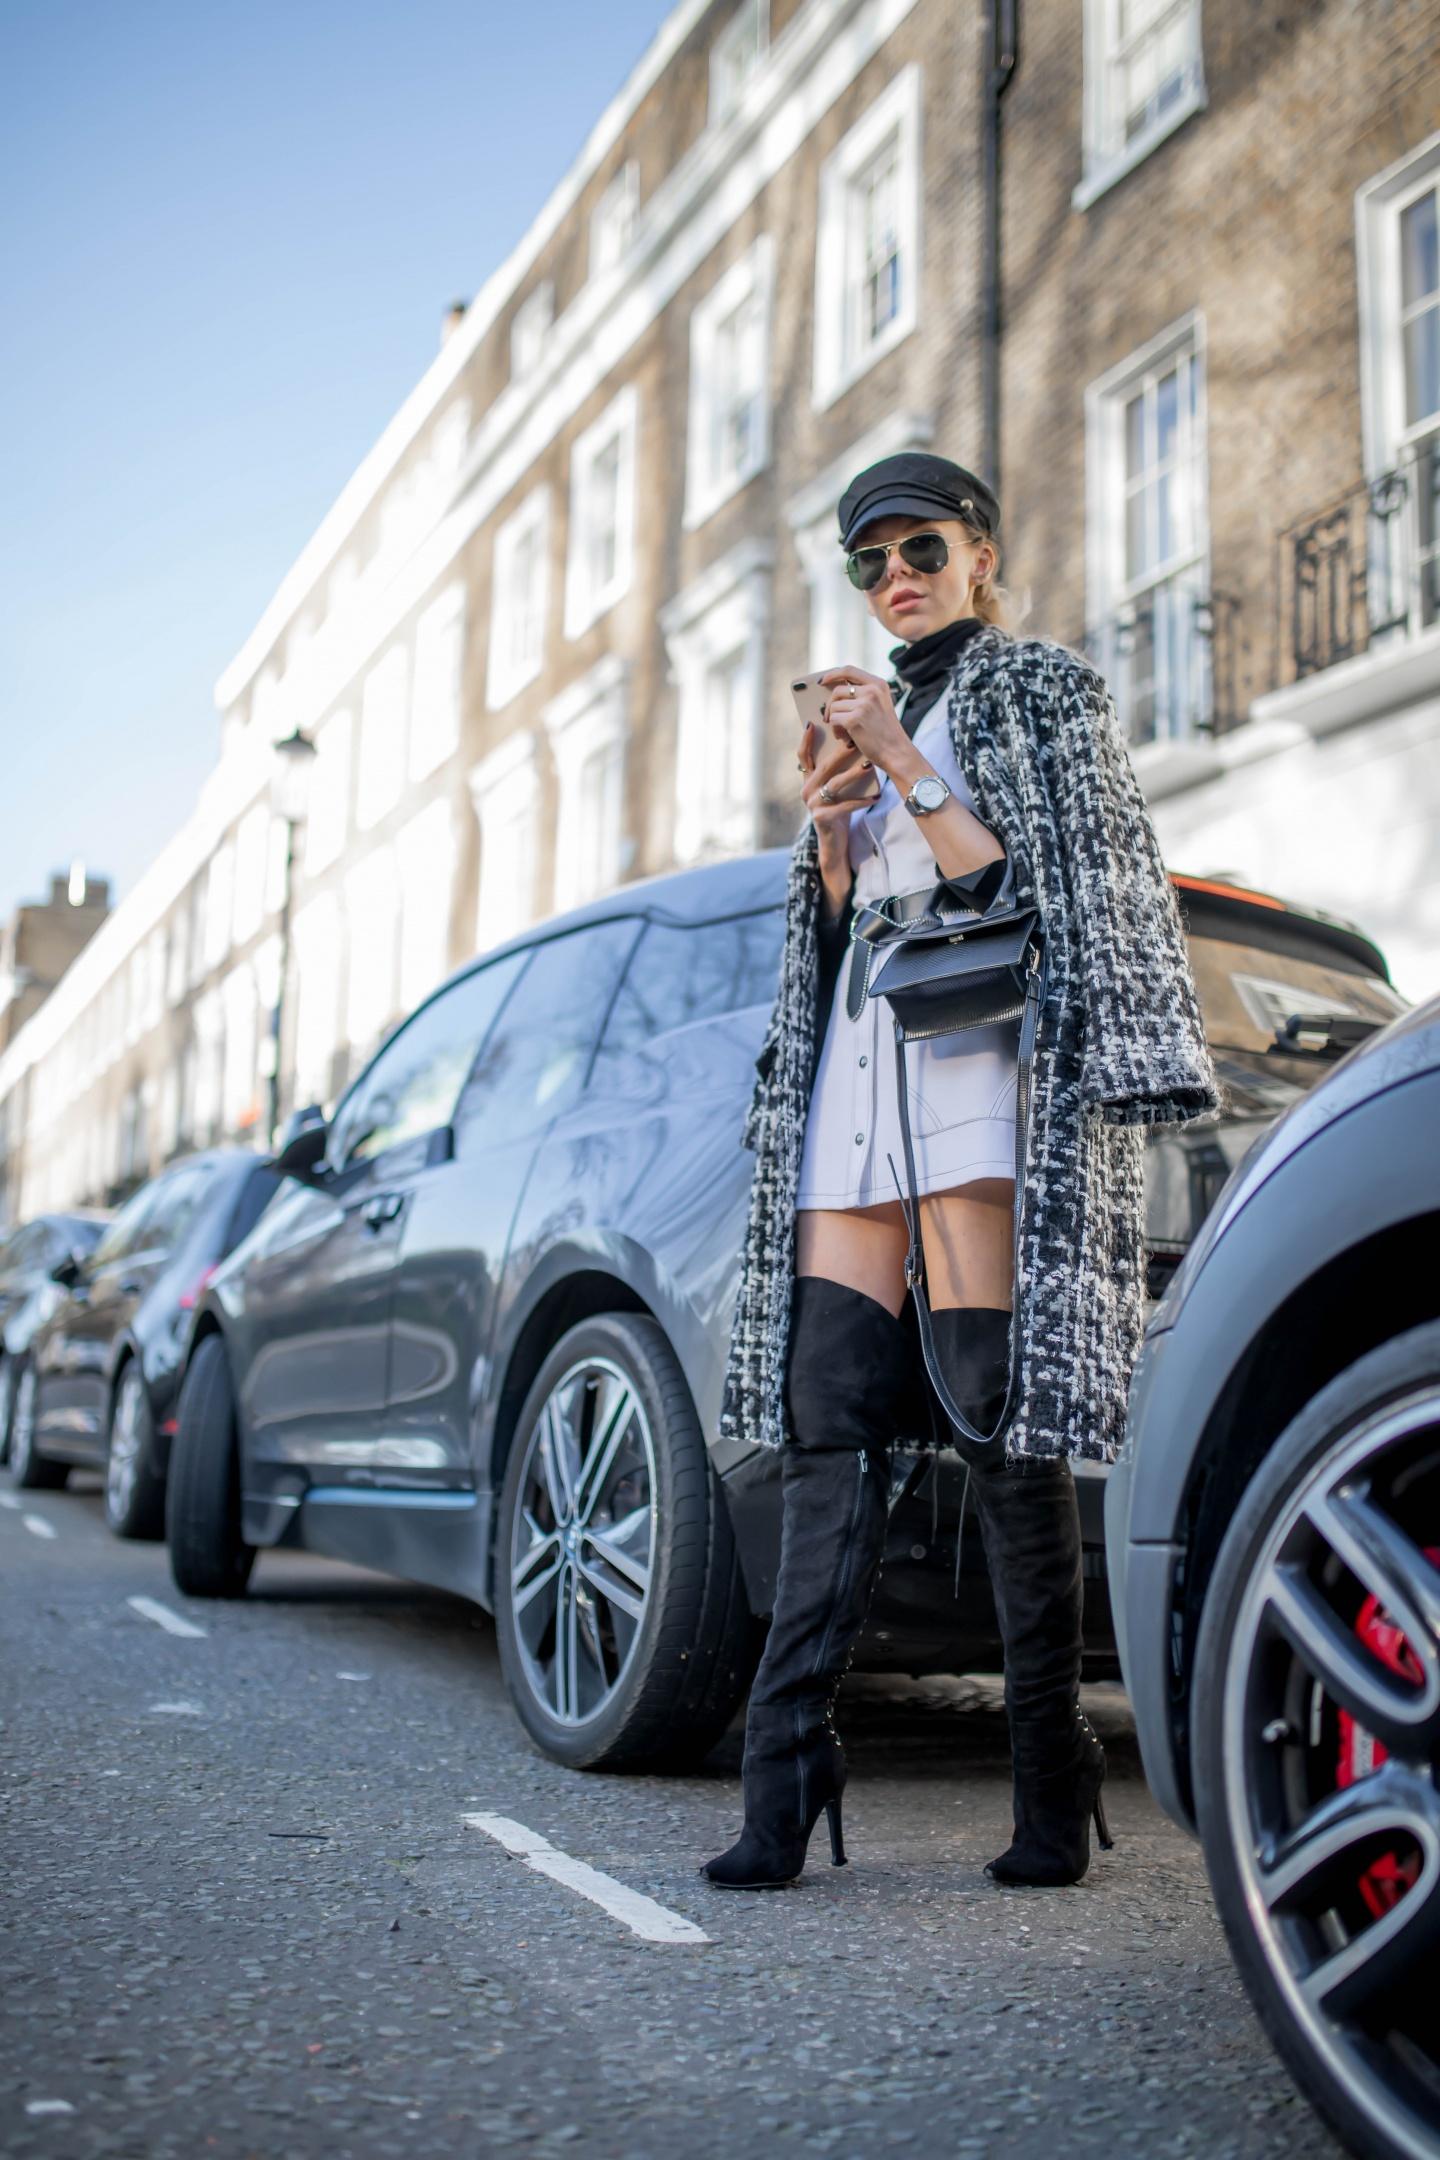 london fashion week, lfw, london fashion week street style, fashion, ss19, dolce & gabbana, louis vuitton, loewe, designer exchange